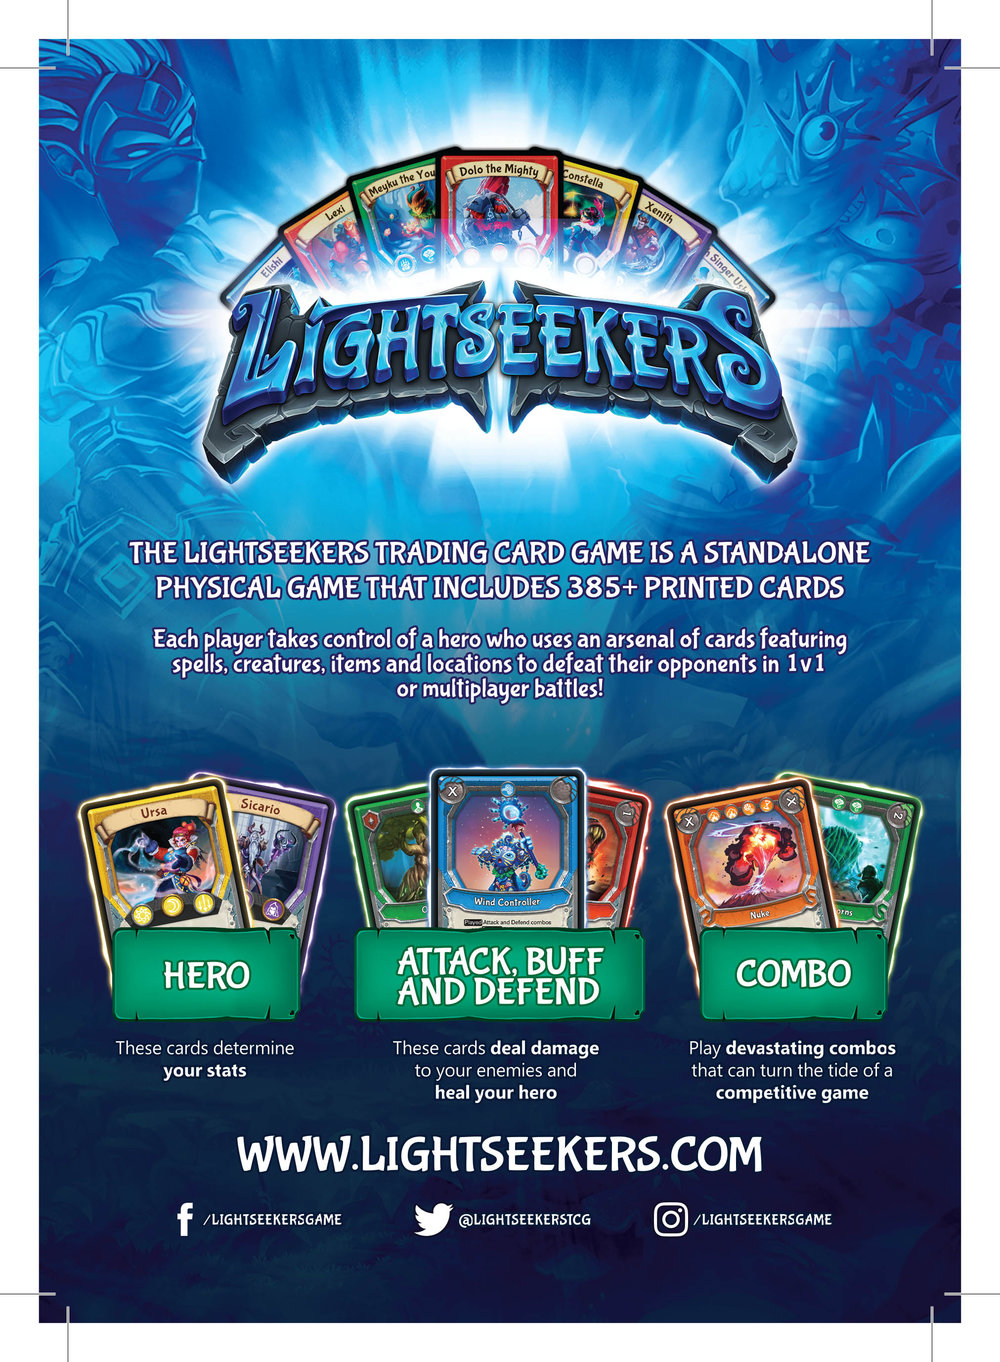 Lightseekers Info Sheet.jpg